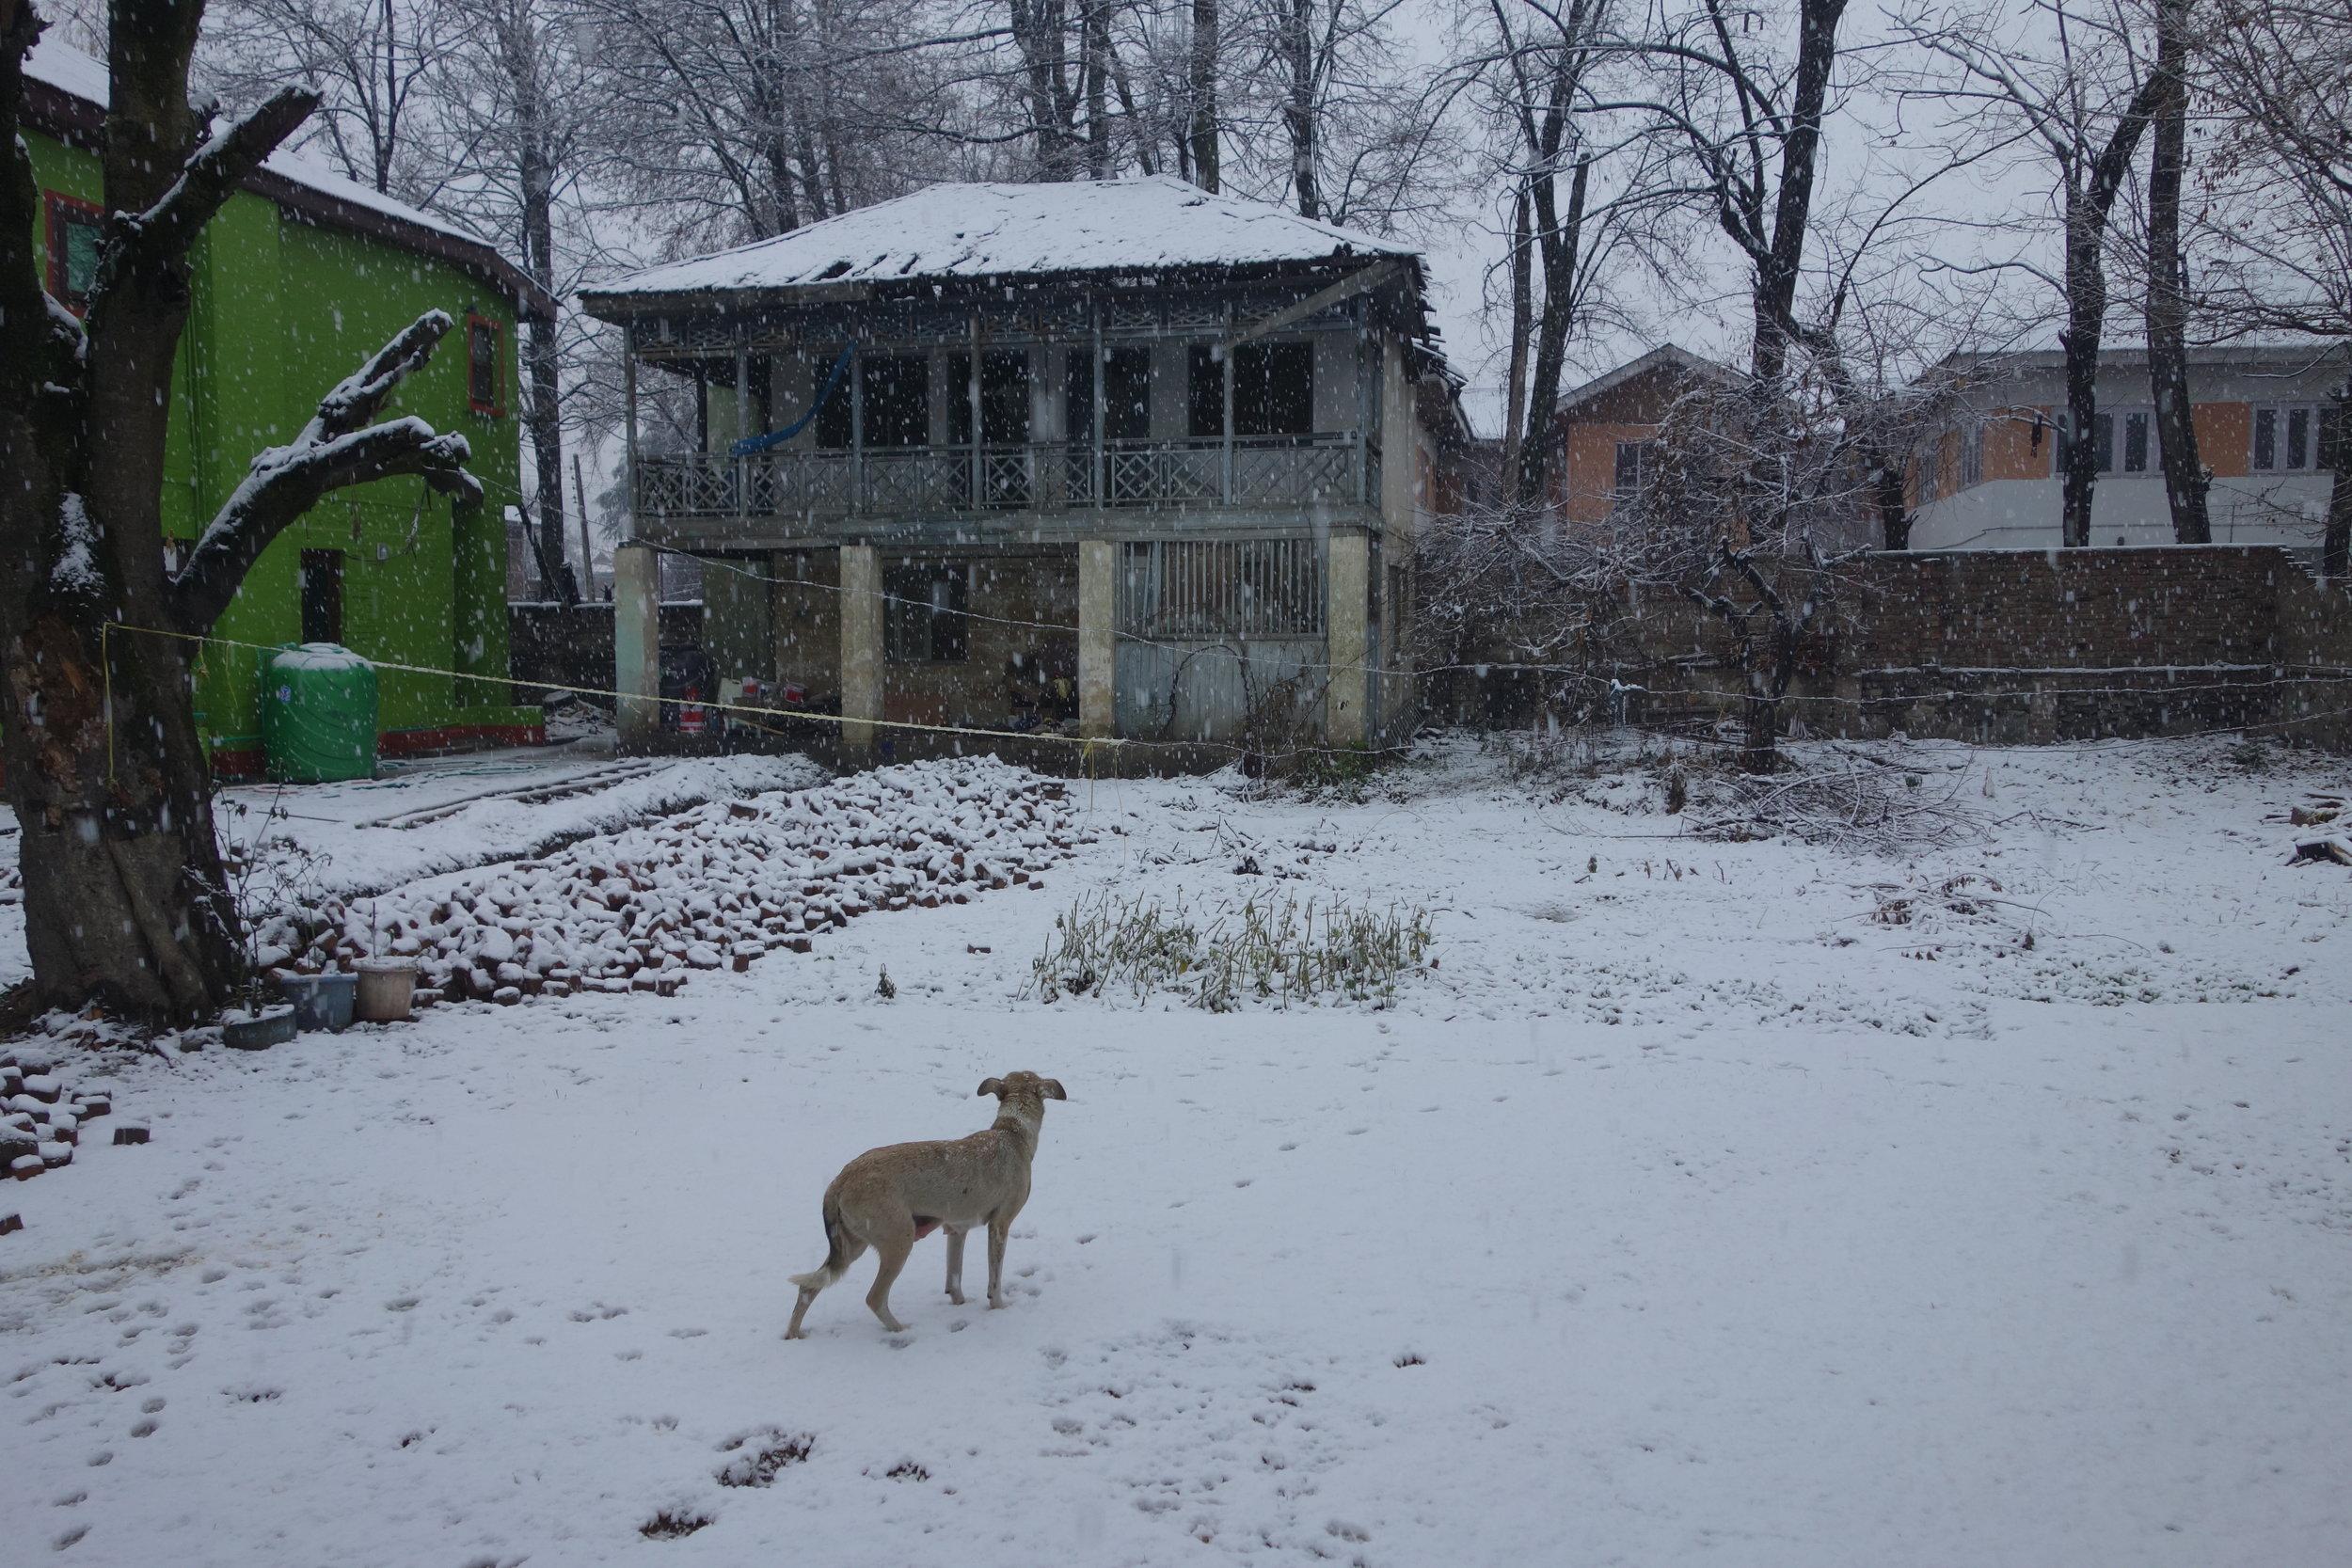 whiteys-srinagar-snowfall